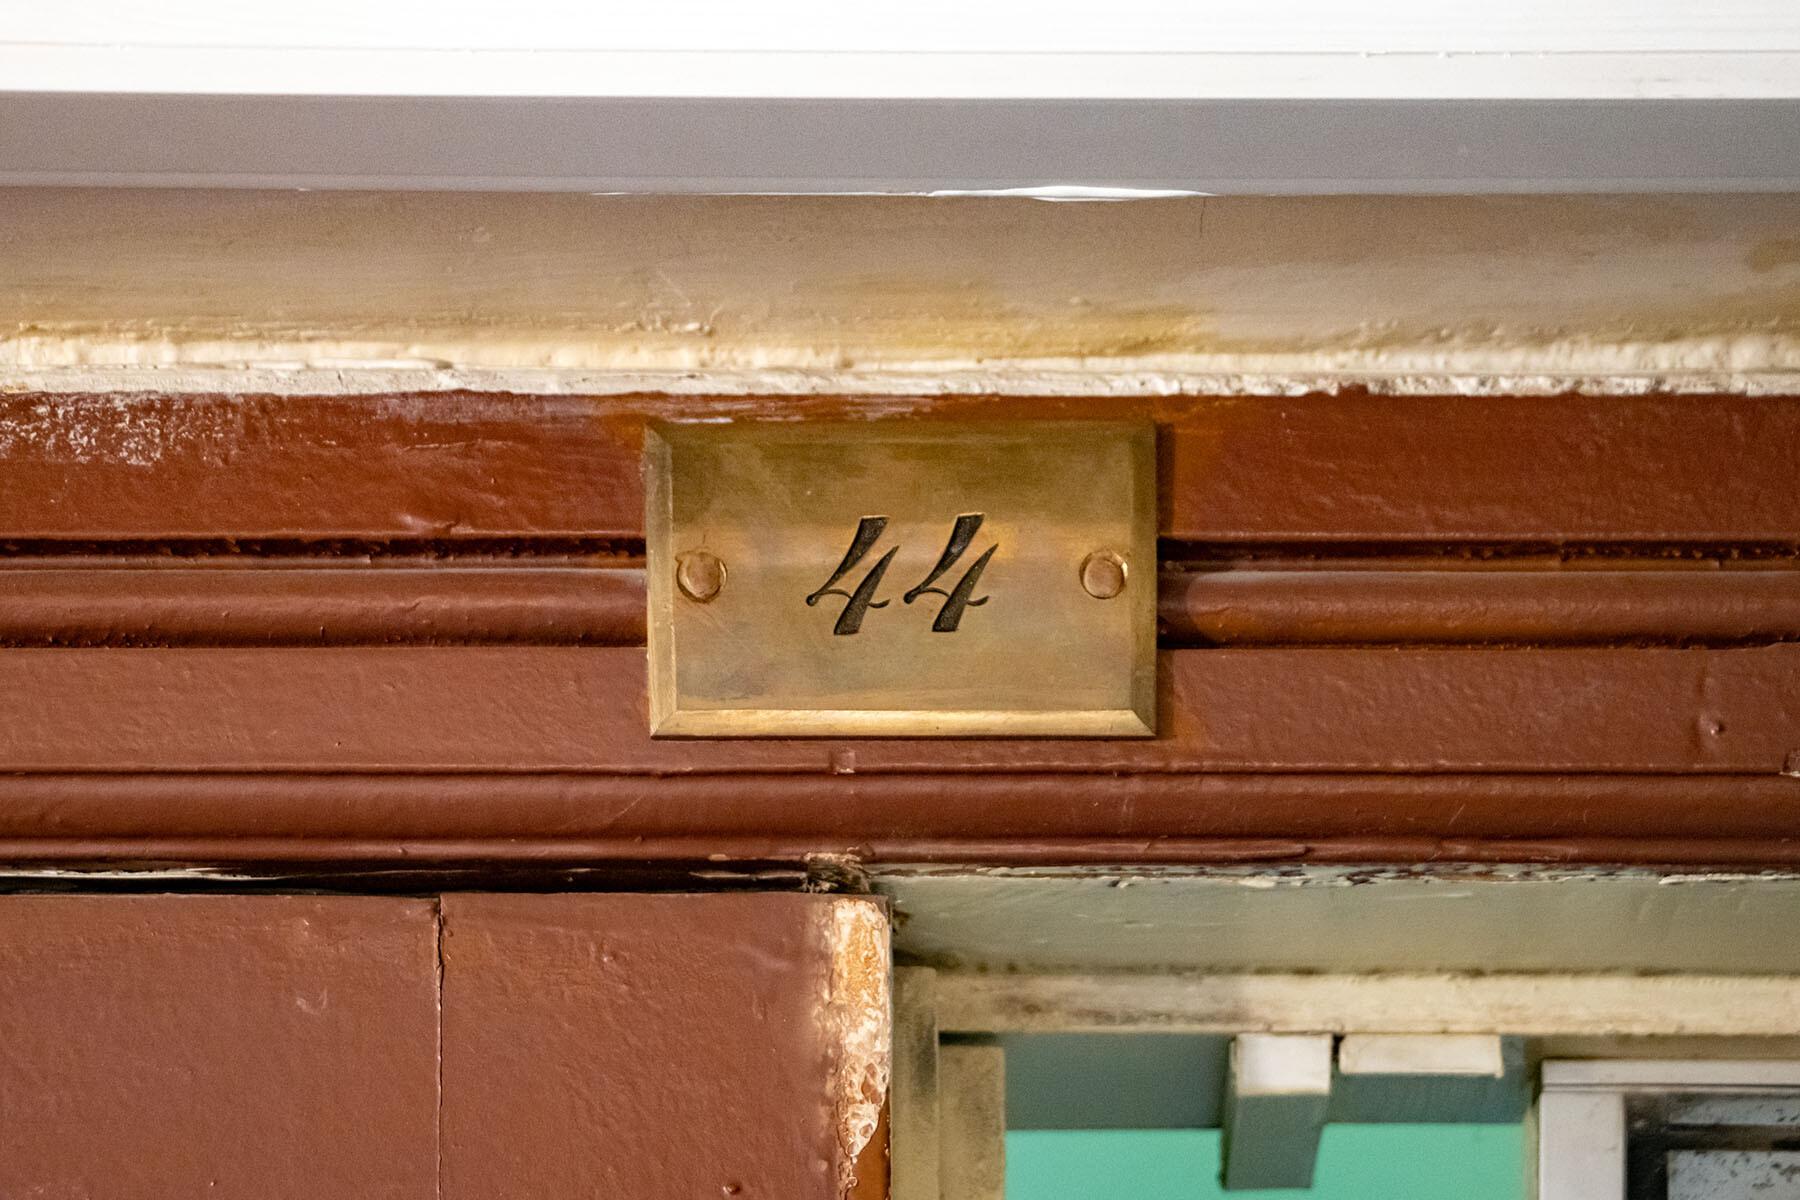 Лестница и прихожая в музее Анны Ахматовой в Фонтанном доме Петербурга IMG_1834-0.jpg